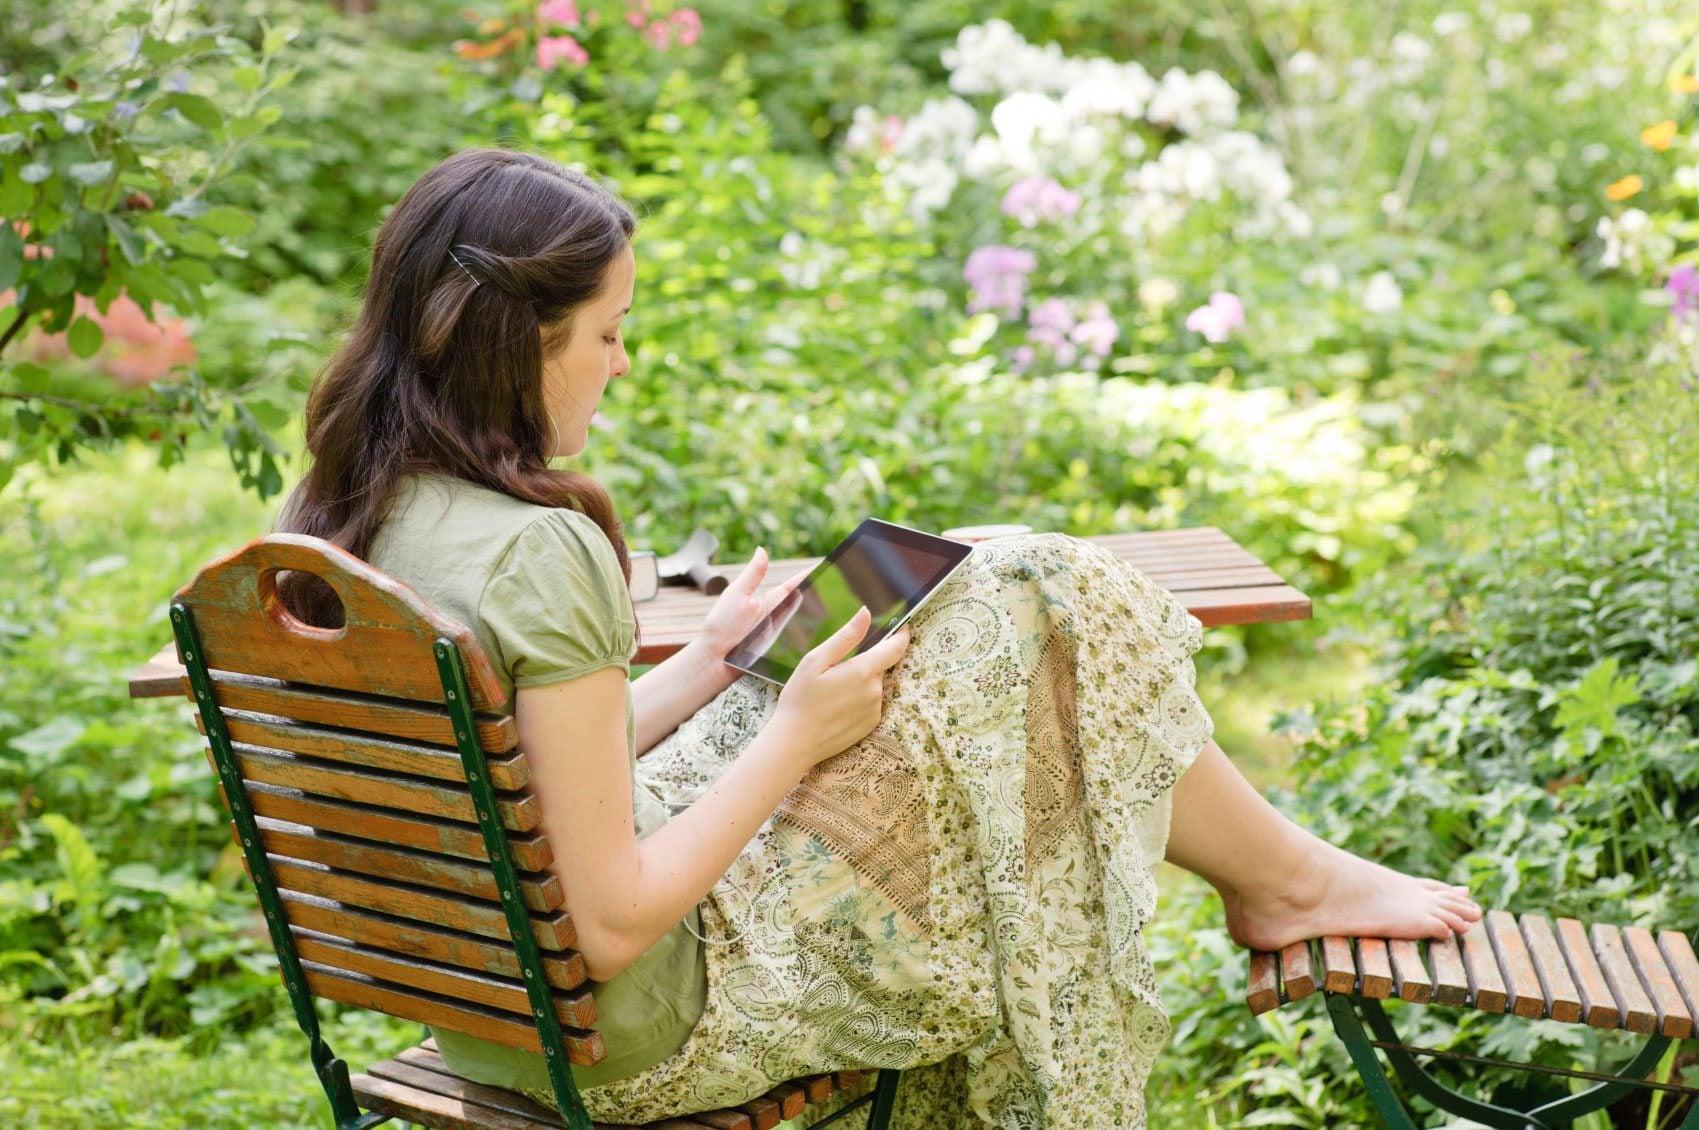 Reading Garden Ideas - Tips For Creating A Reading Garden